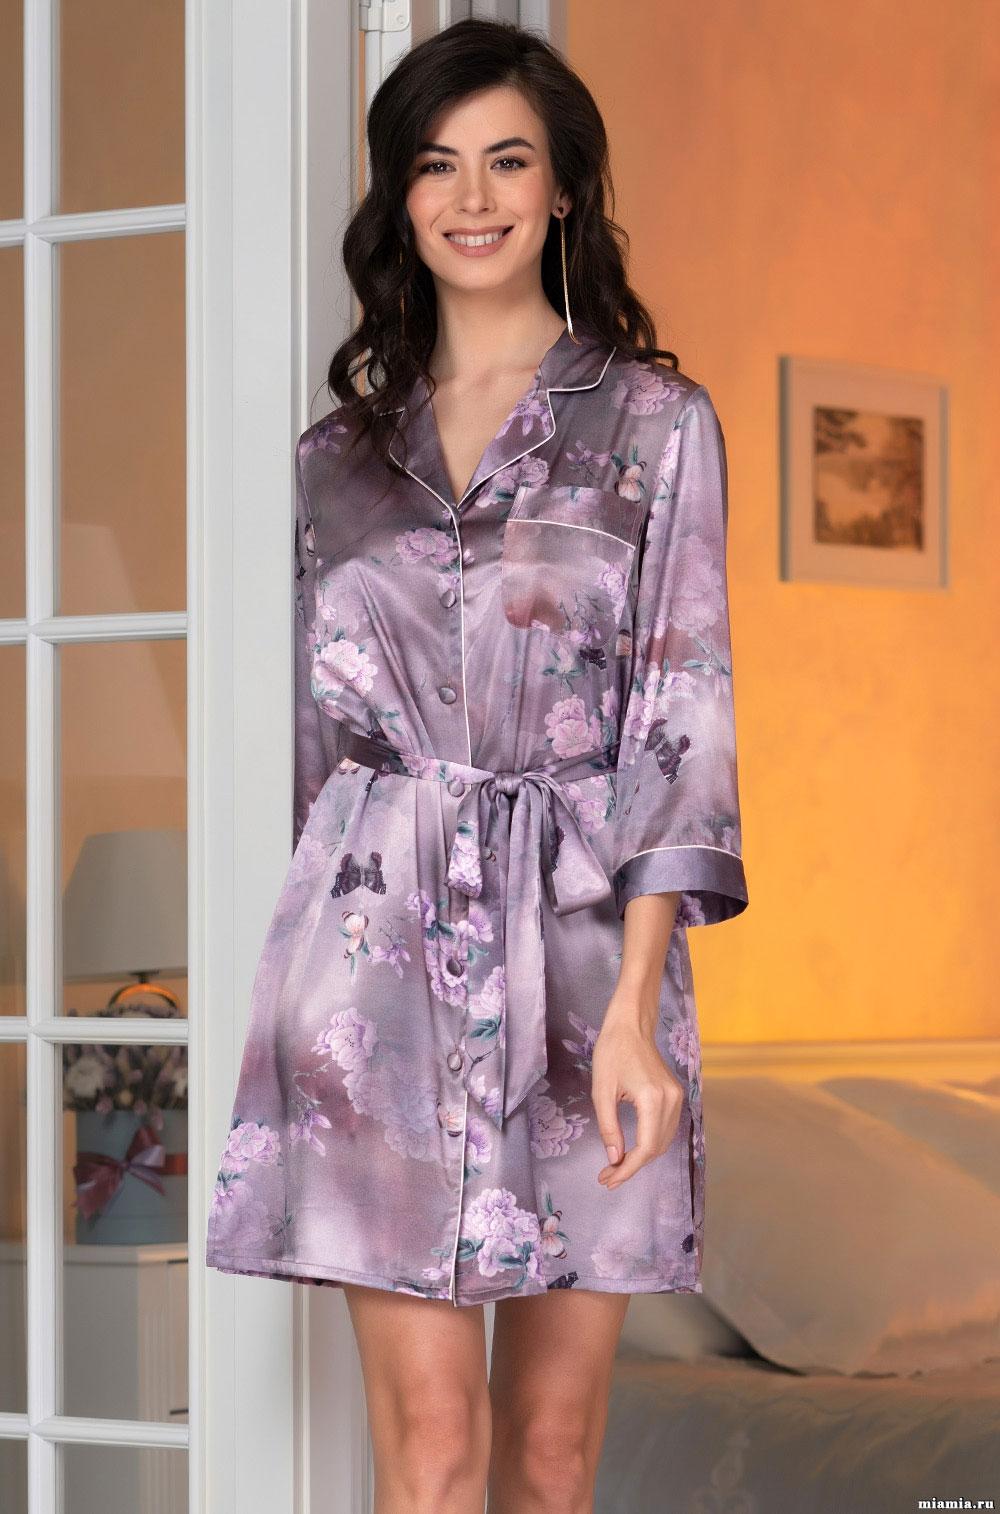 Рубашка-халат из шелка 3657 Aurora Mia Amore